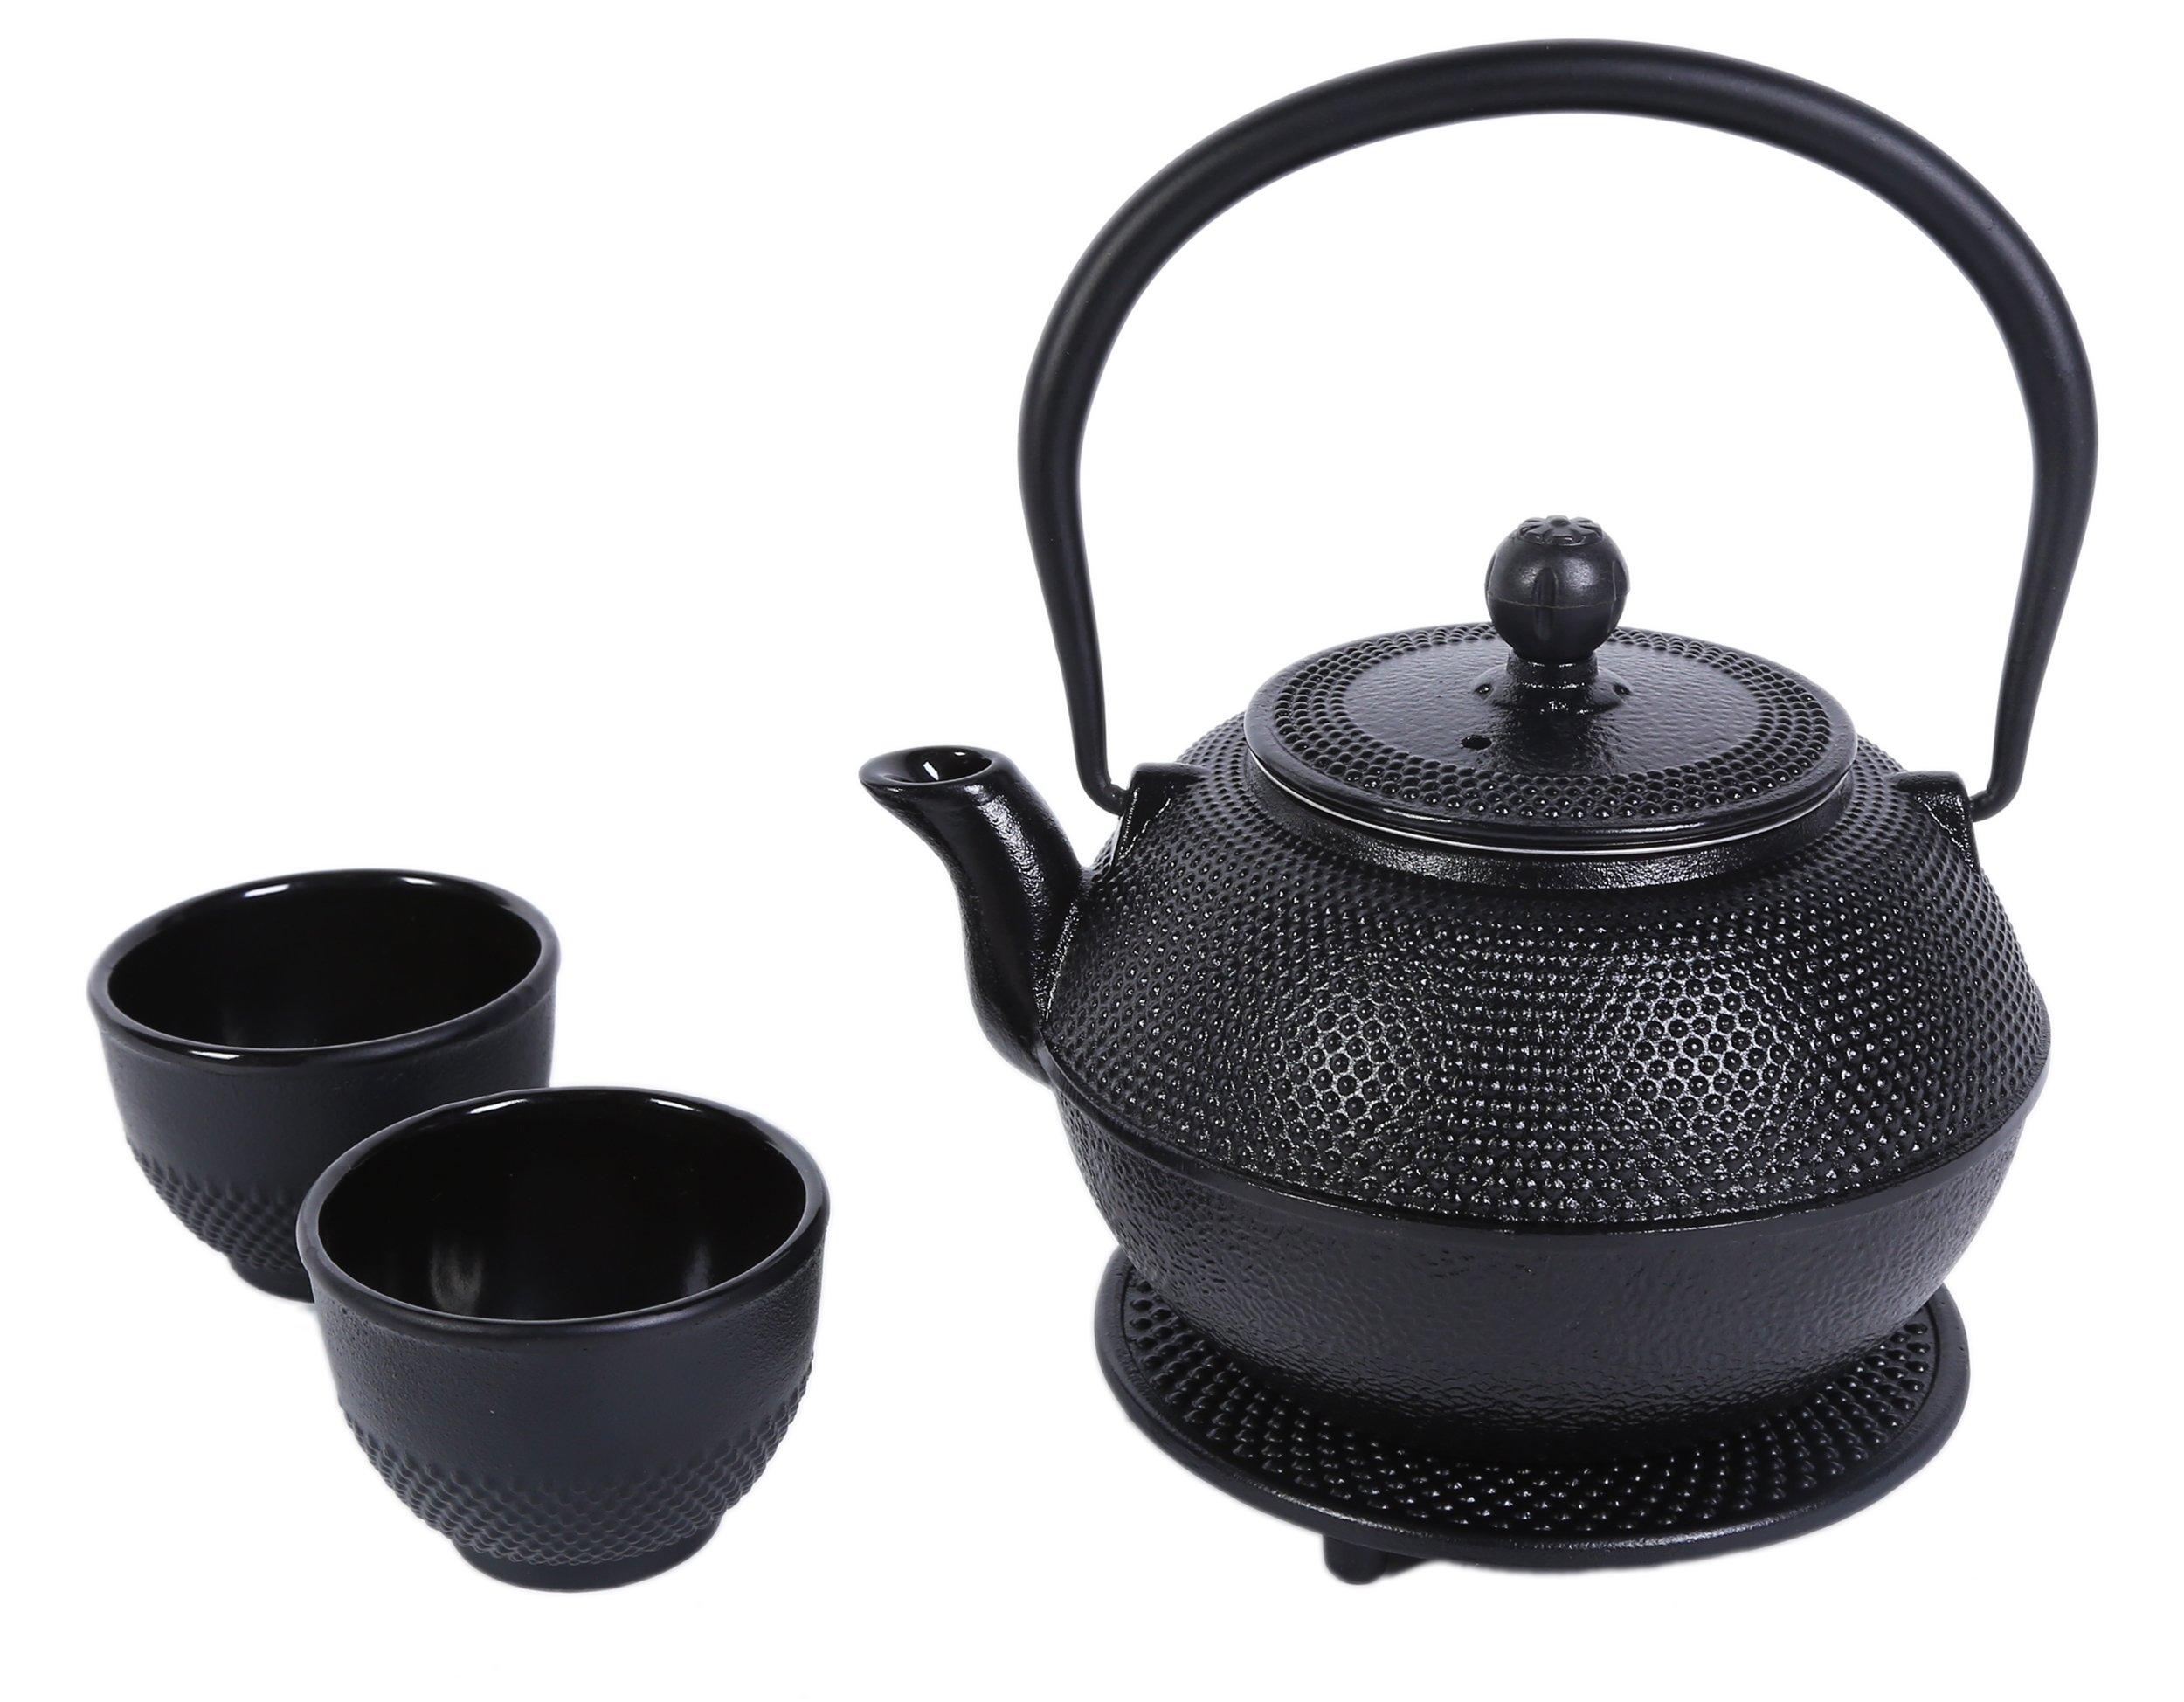 Juvale Black Cast Iron Tea Kettle Set 2 - Contemporary Dutch Hobnail Design Trivet, Two Cups - 1200 mL